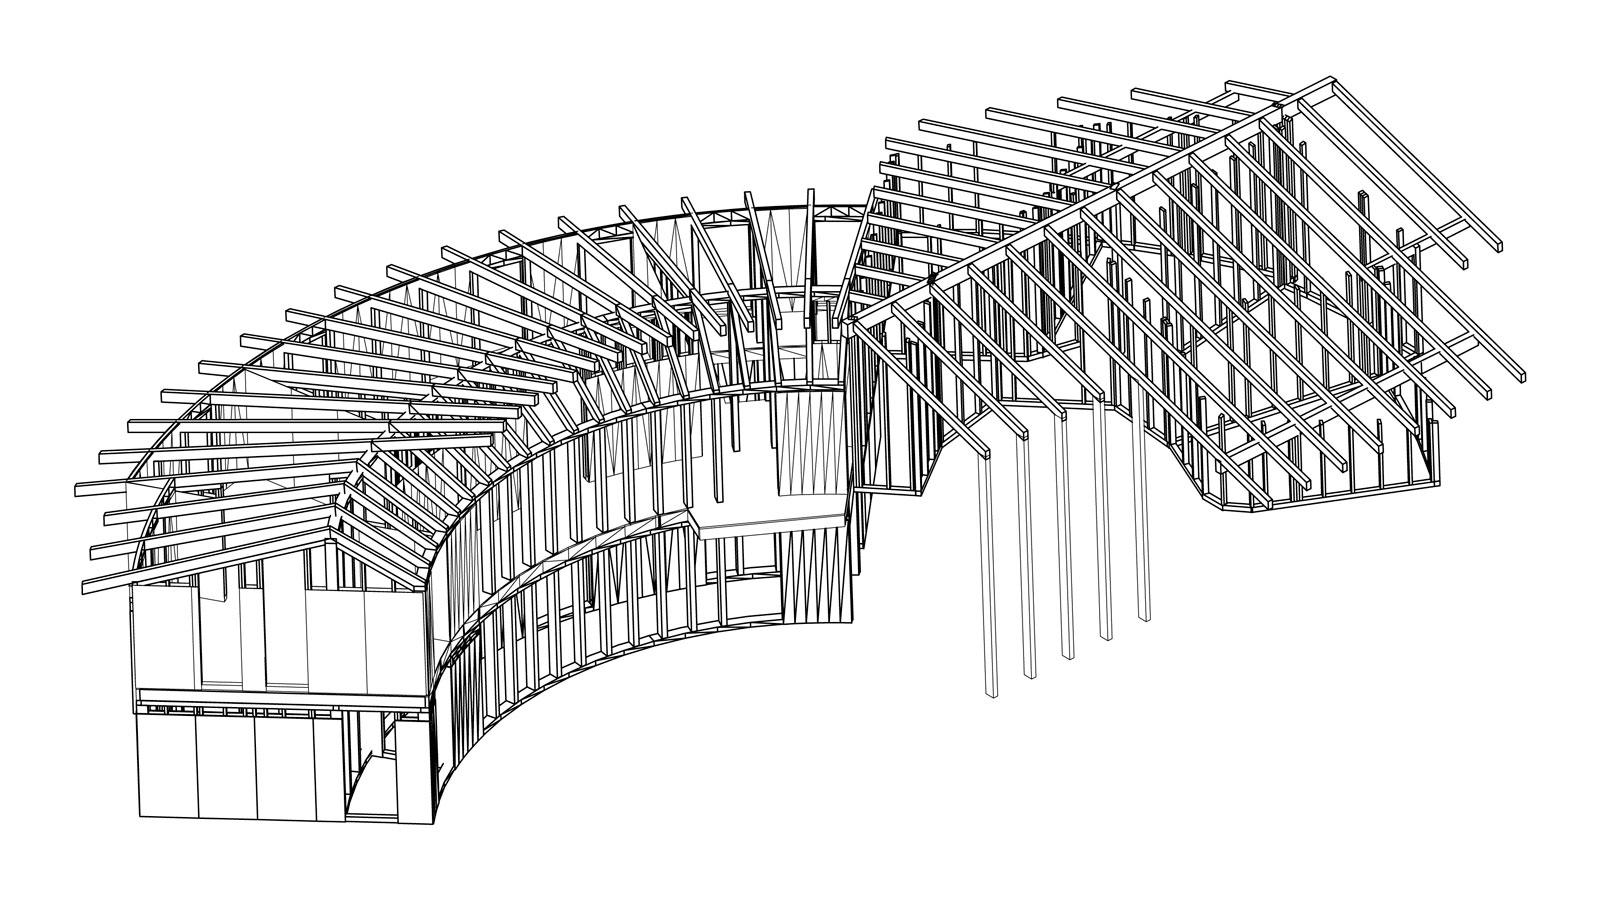 WWW.STUDIODEDA.IT - Un team di architetti e ingegneri specializzati nella progettazione di case in legno antisismiche e ad alta efficienza energetica.